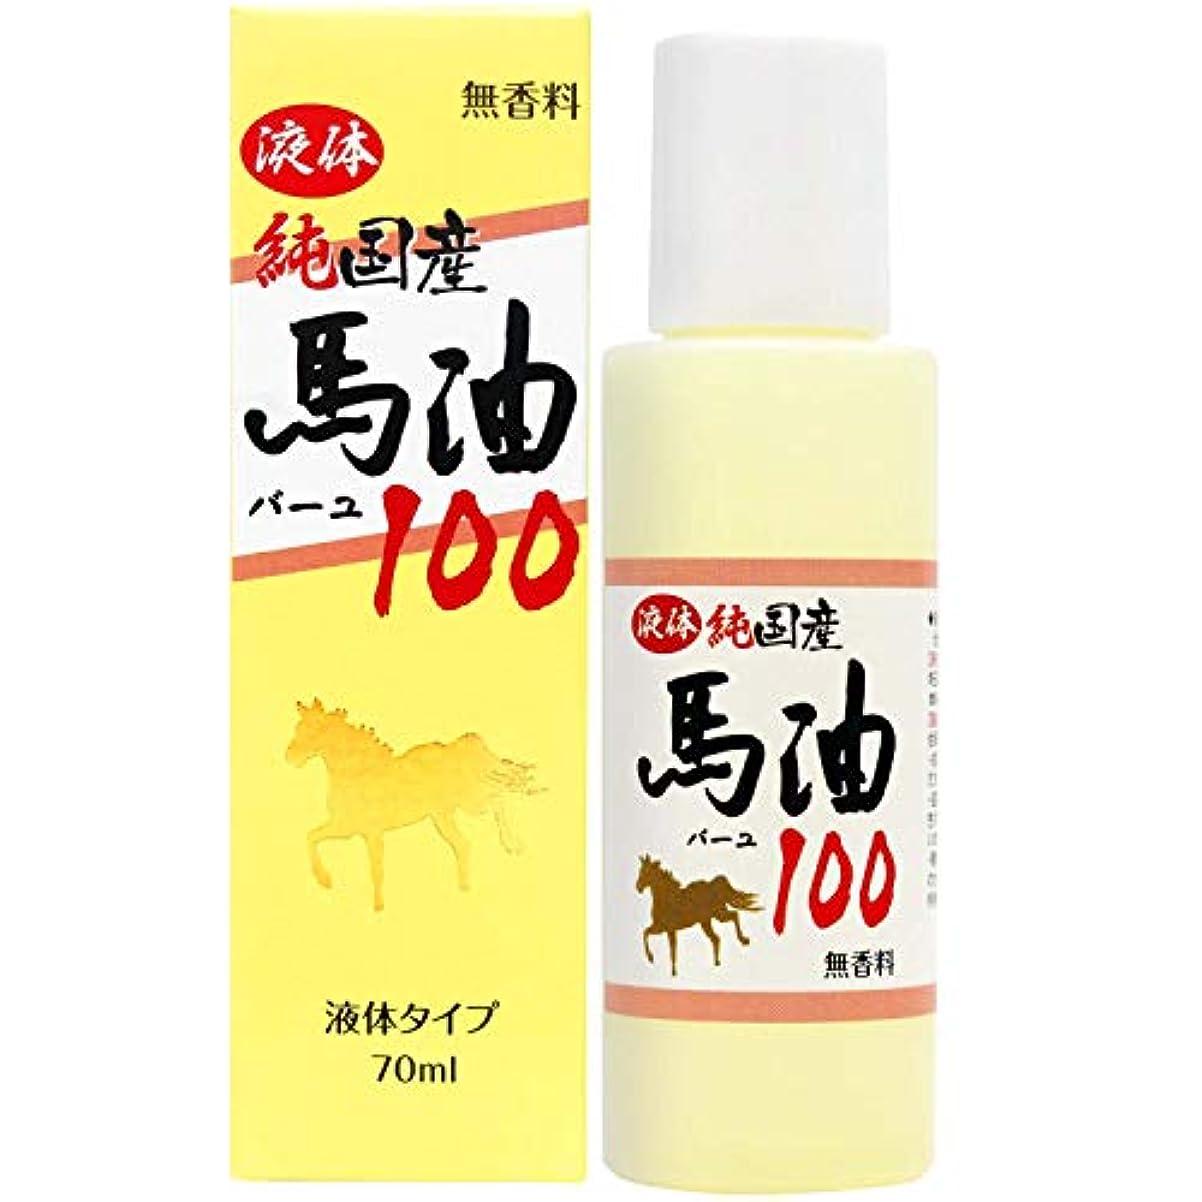 広範囲震える俳句ユウキ製薬 液体純国産馬油100 70ml